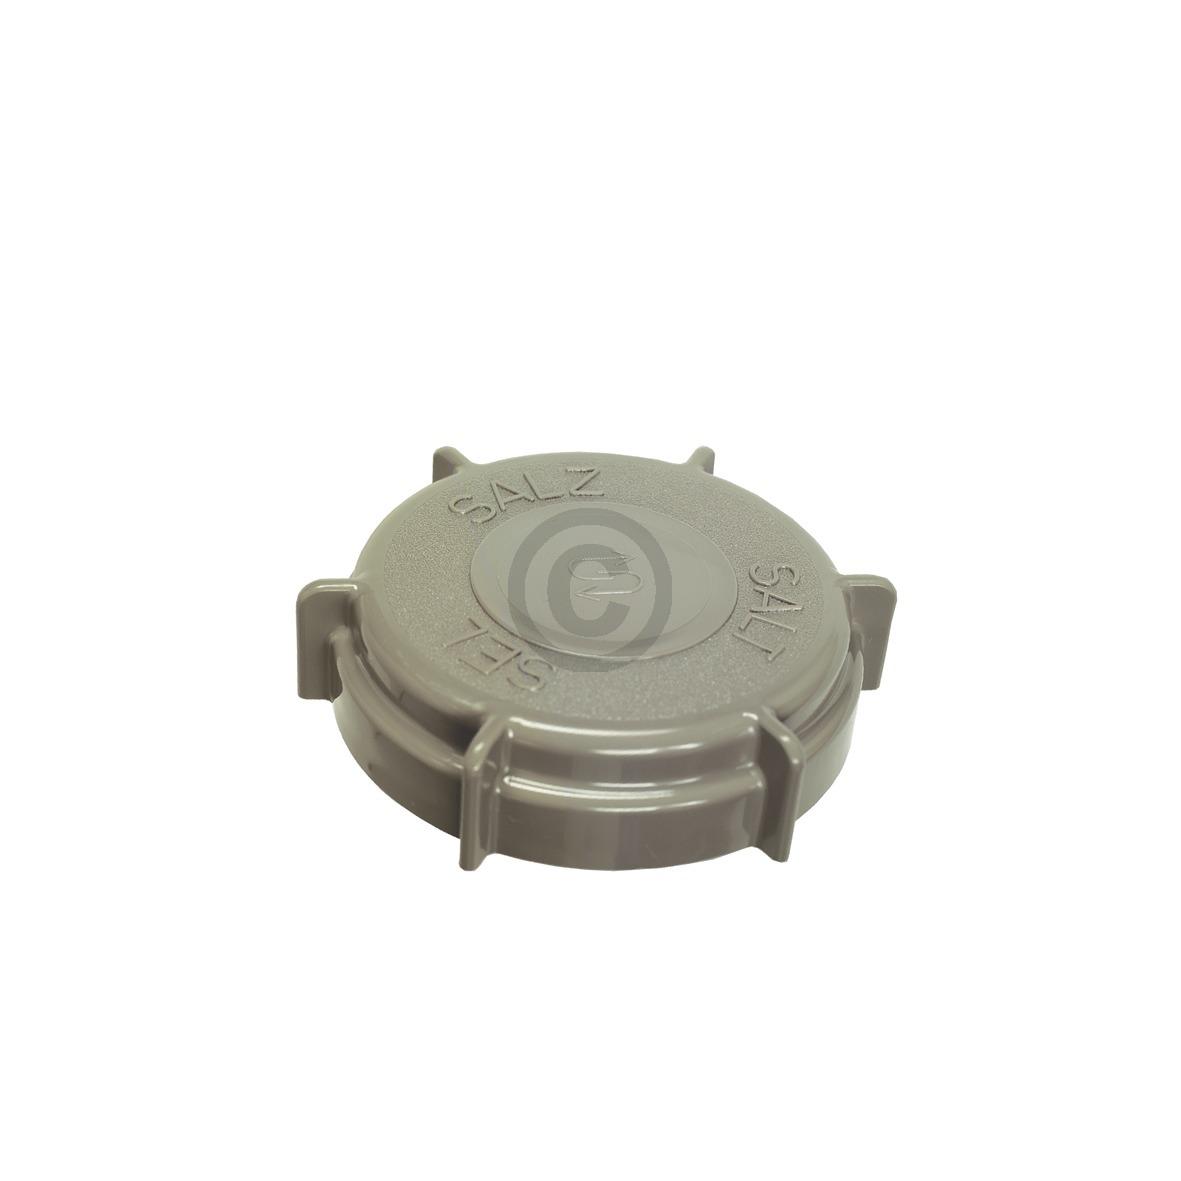 Deckel für Salzbehälter 481246279903 Bauknecht, Whirlpool, Ikea